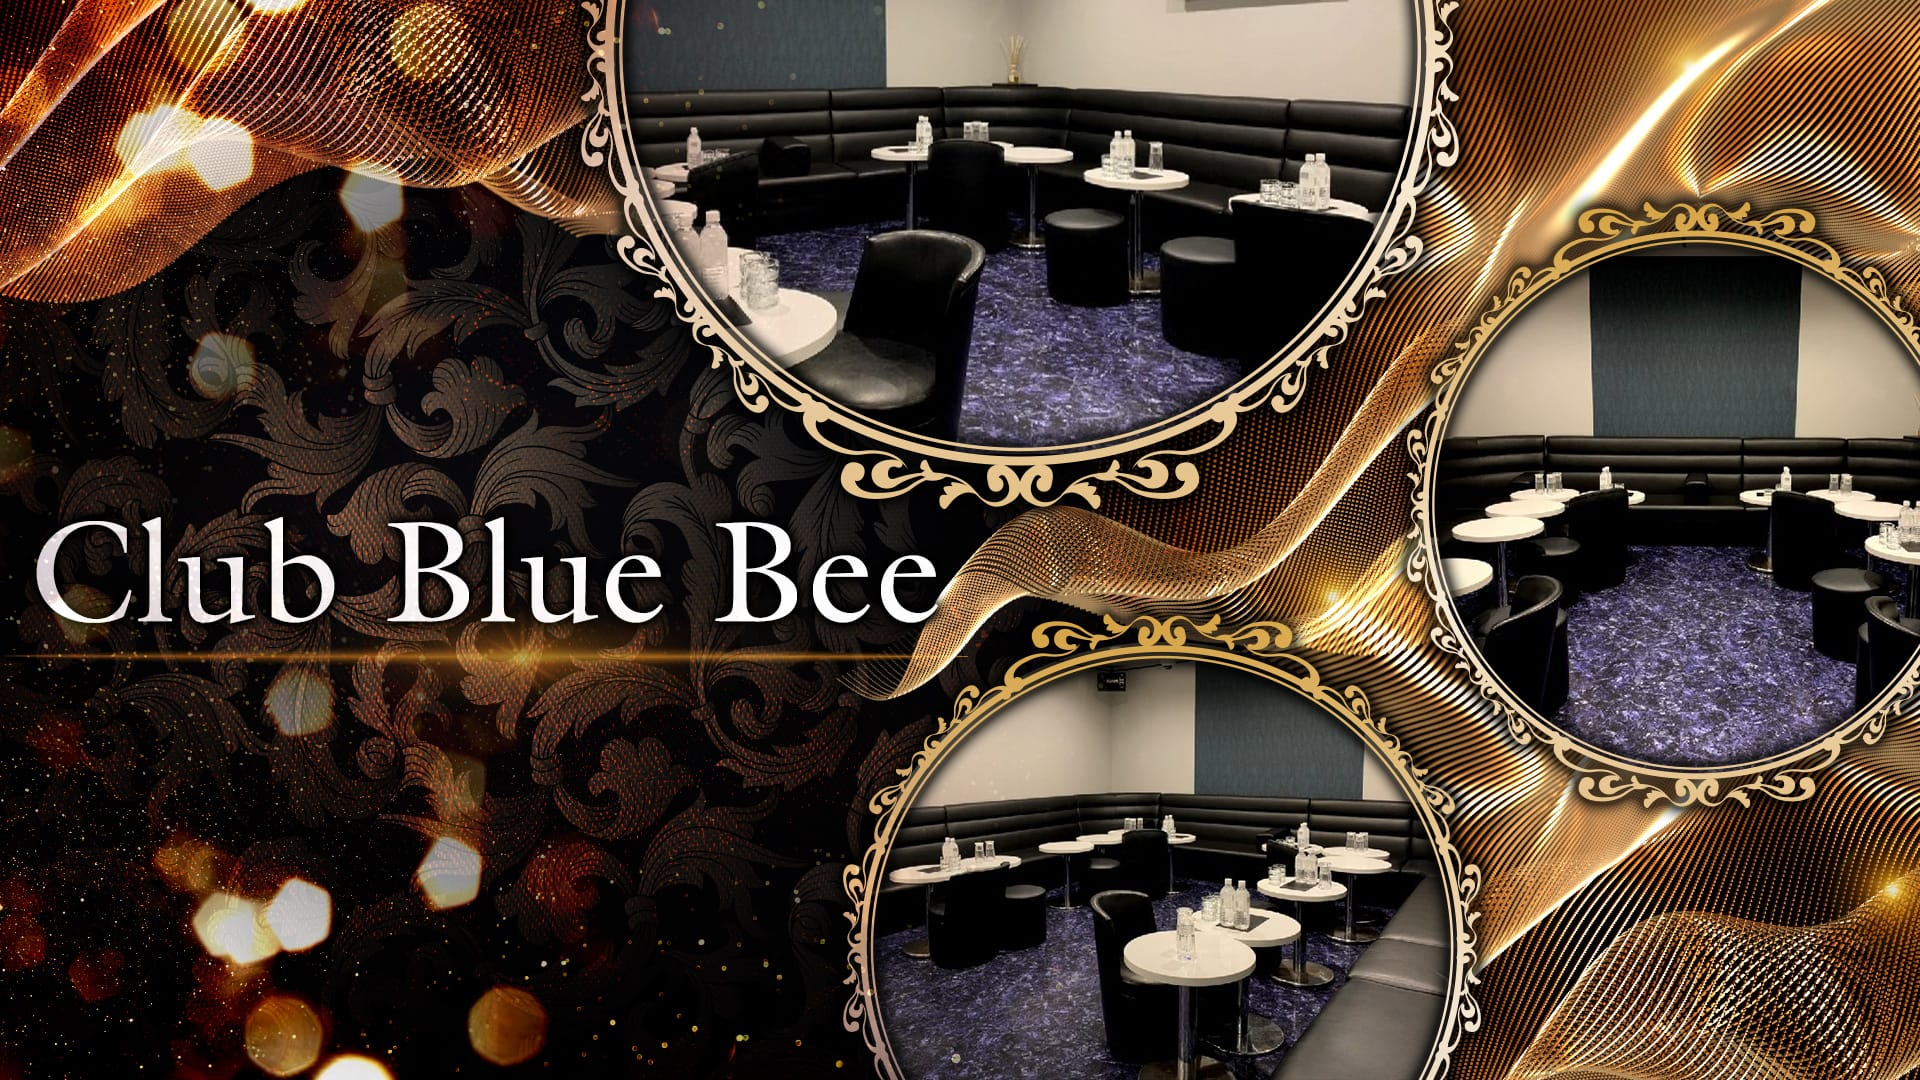 Club Blue Bee(ブルービー) 大宮キャバクラ TOP画像